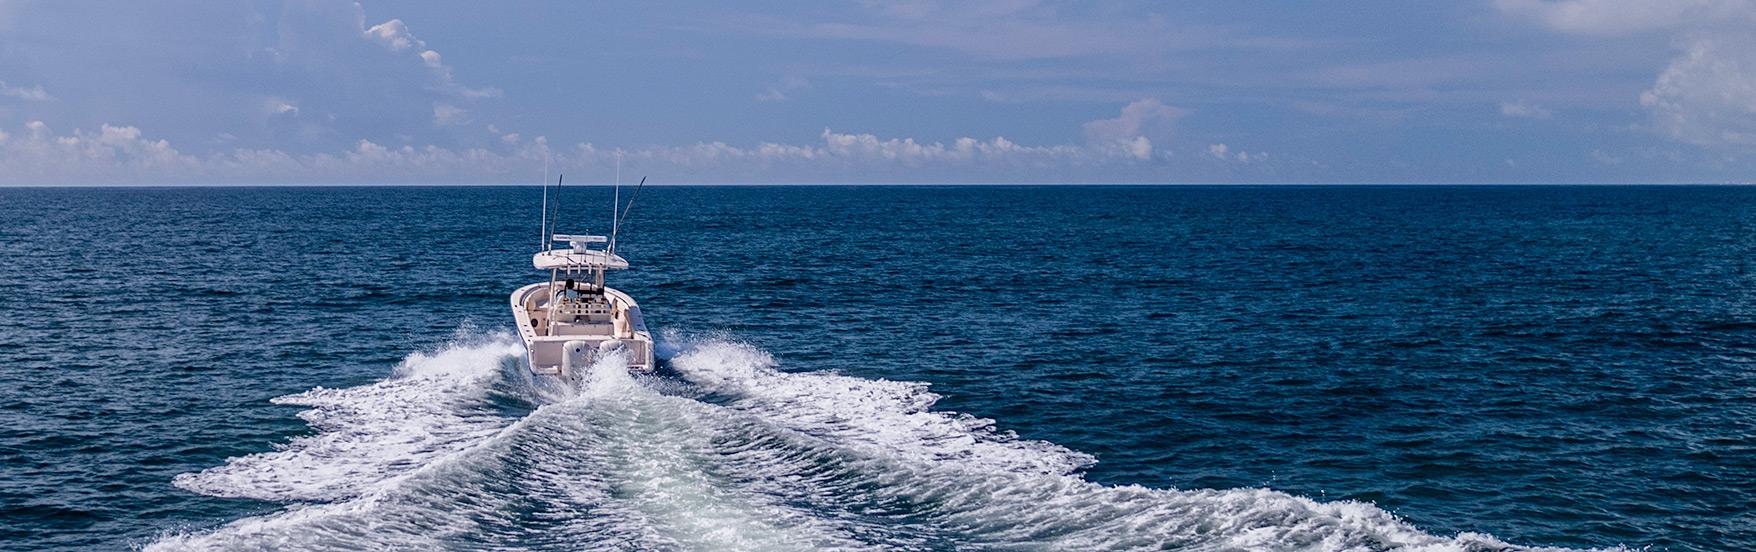 gpsmap1222xsv%20boat.jpg